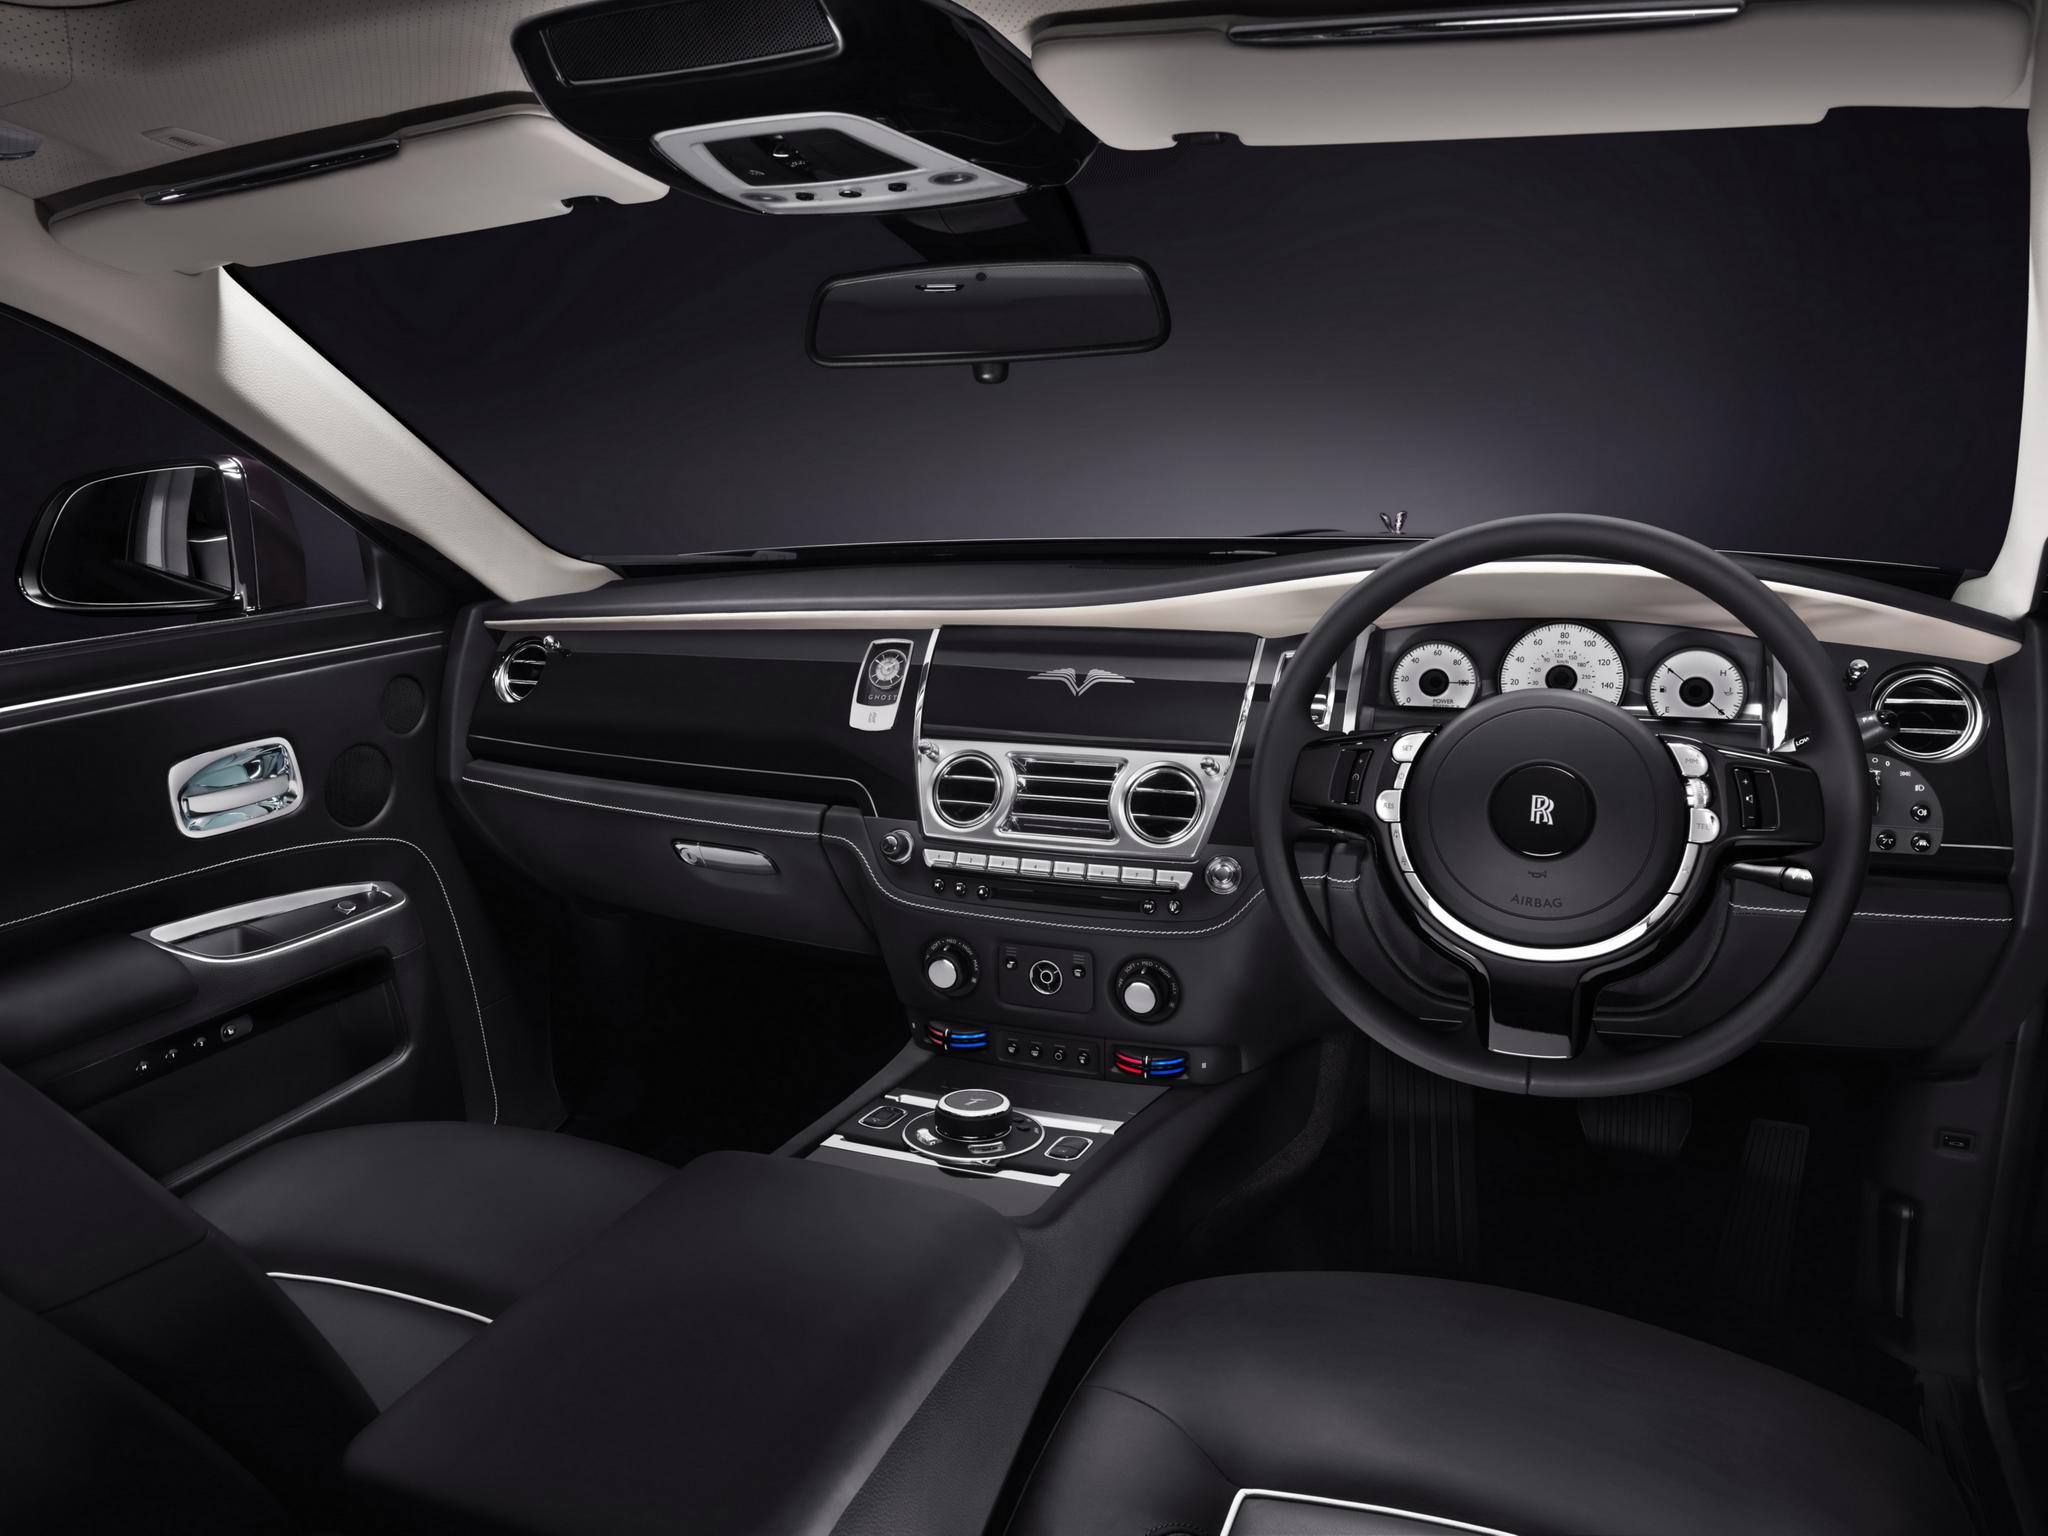 2014 Rolls Royce Ghost V Specification Luxury Interior G Wallpaper